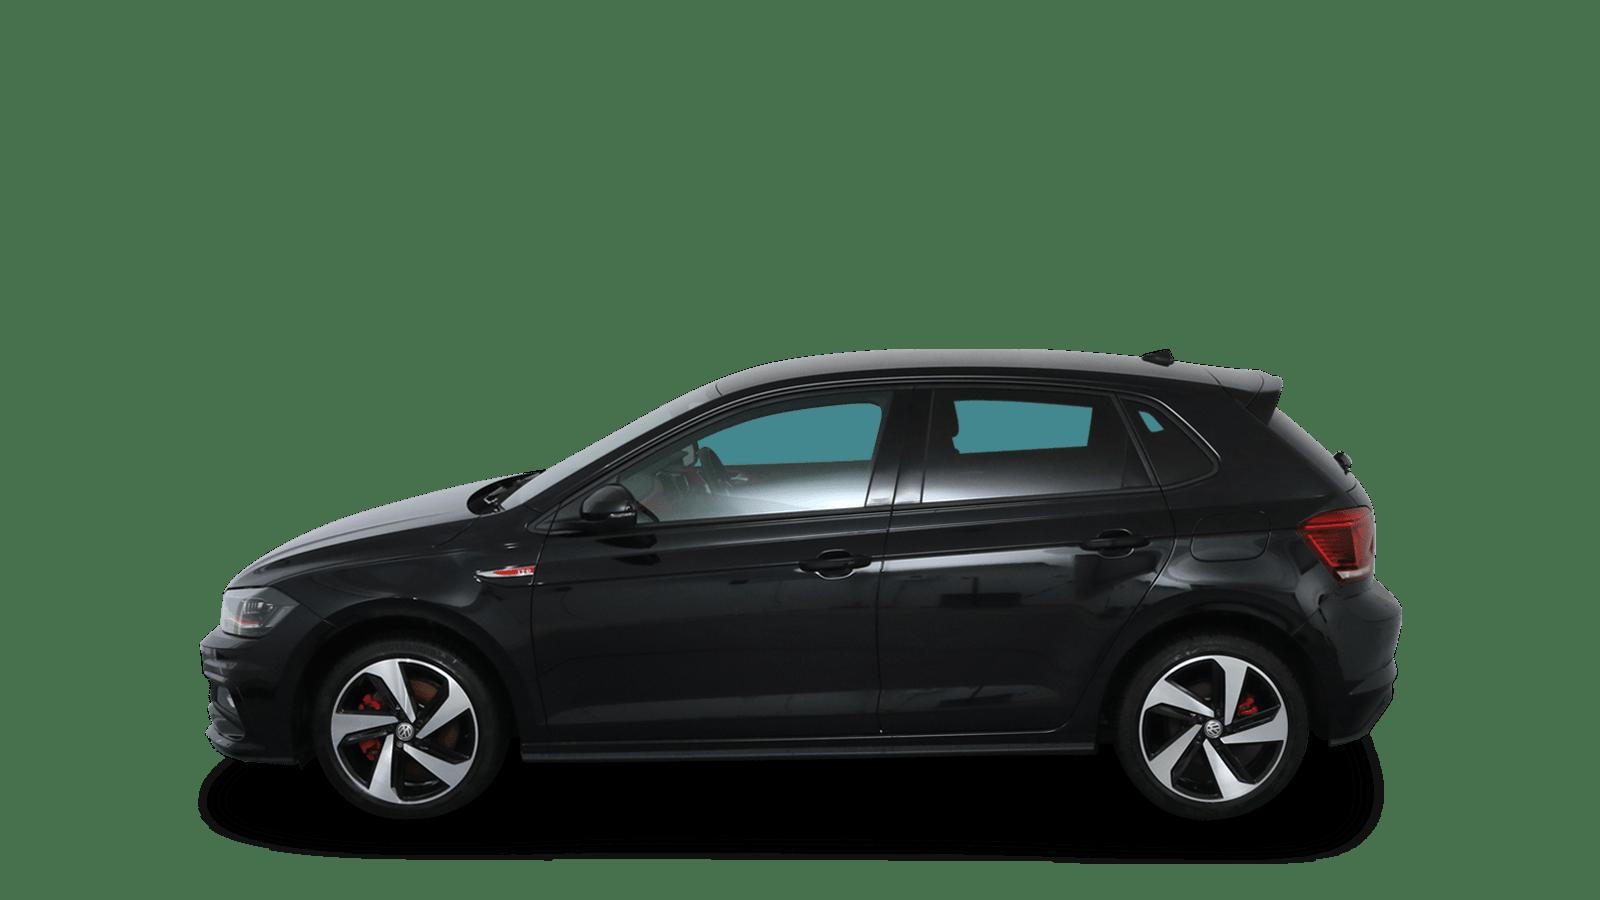 VW Polo GTI Schwarz rückansicht - Clyde Auto-Abo